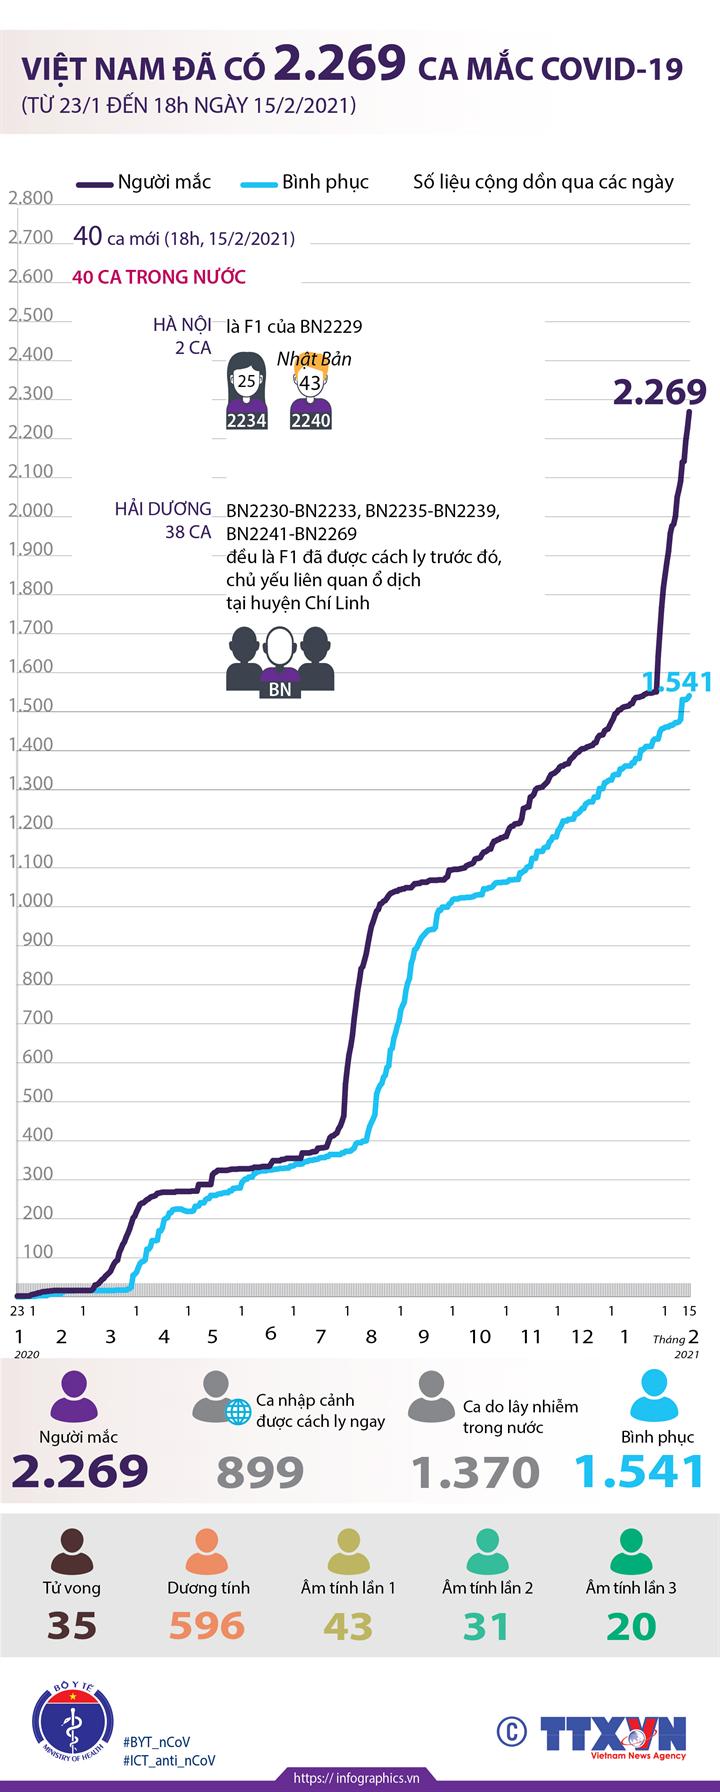 Việt Nam đã có 2.269 ca mắc COVID-19 (từ 23/1/2020 đến 18h ngày 15/2/2021)